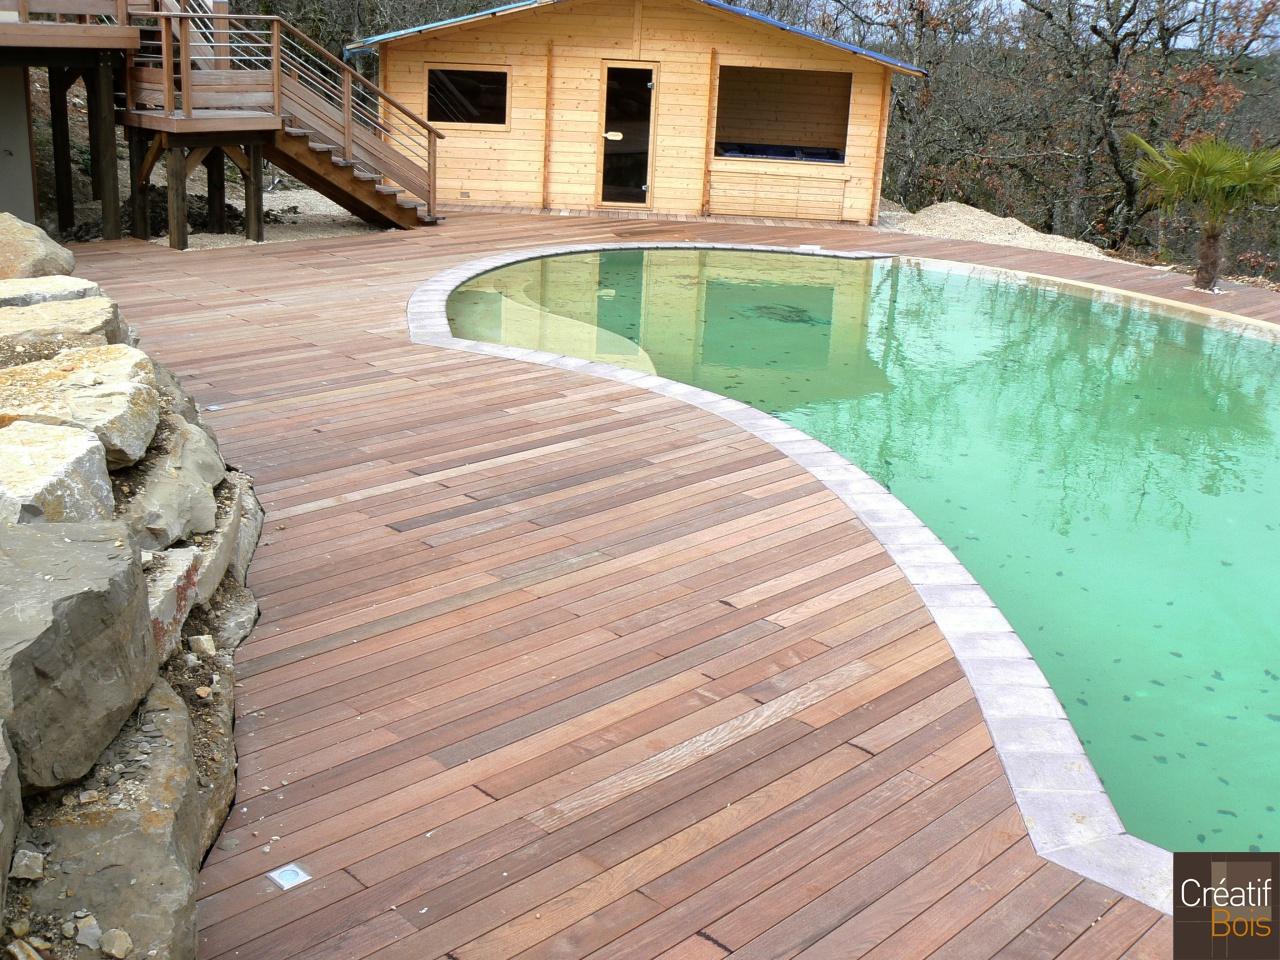 plage de piscine bois lot 46 labastide marnhac. Black Bedroom Furniture Sets. Home Design Ideas